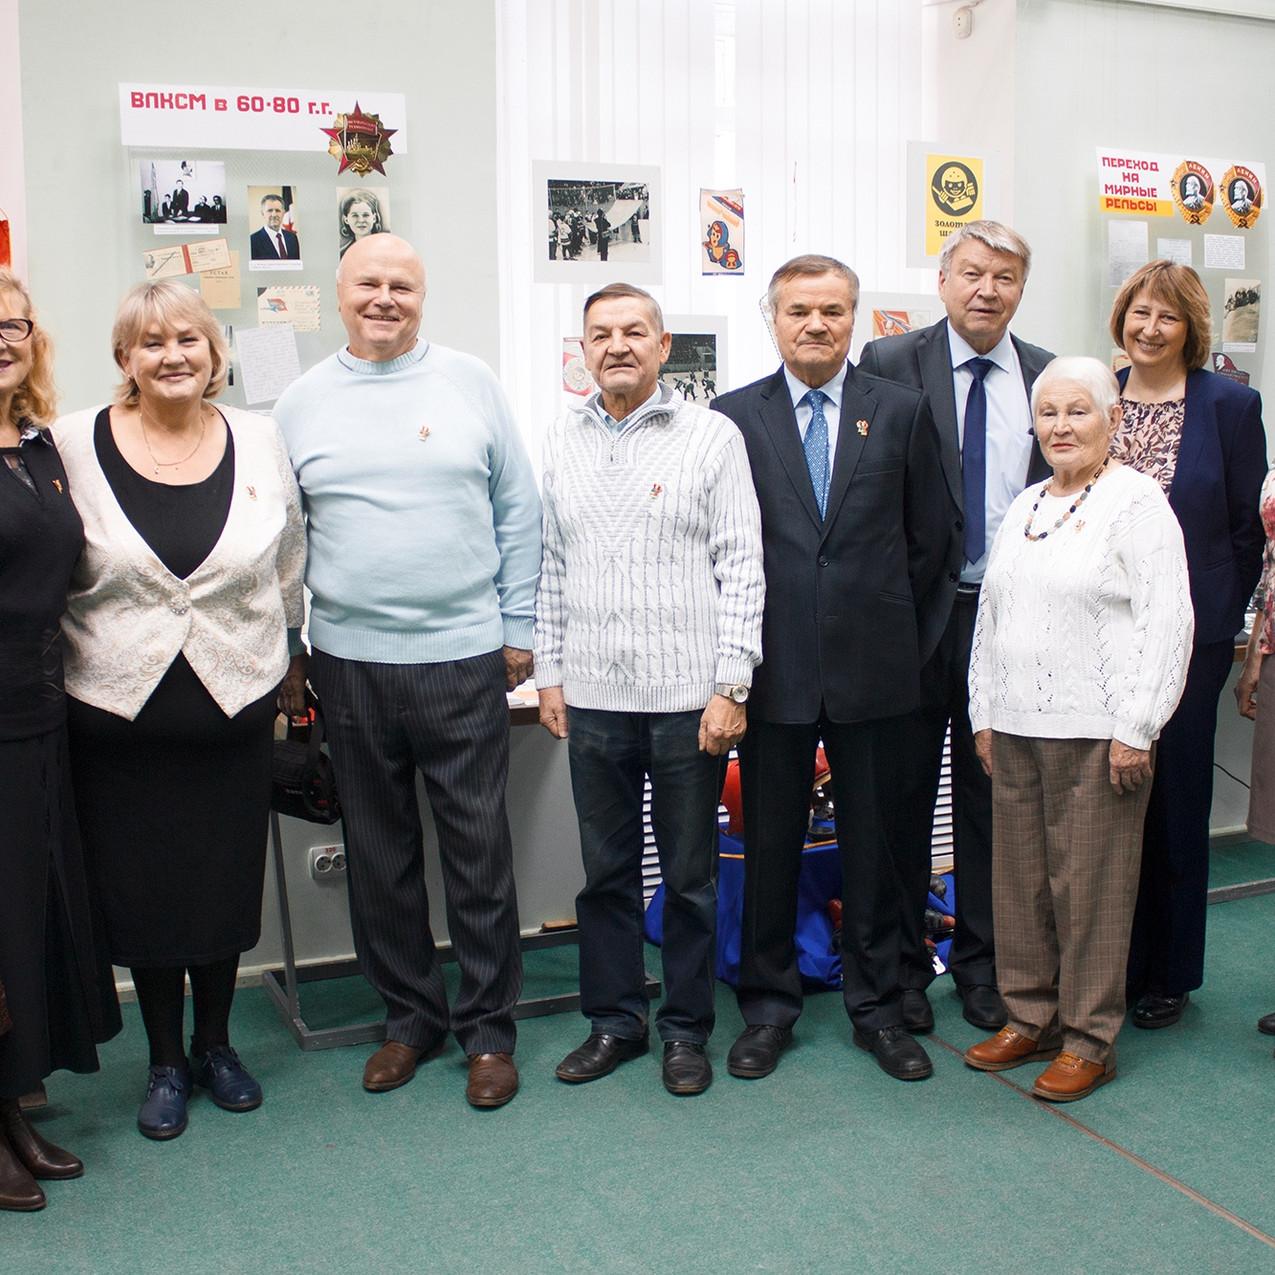 100 лет ВЛКСМ – связь поколений 10